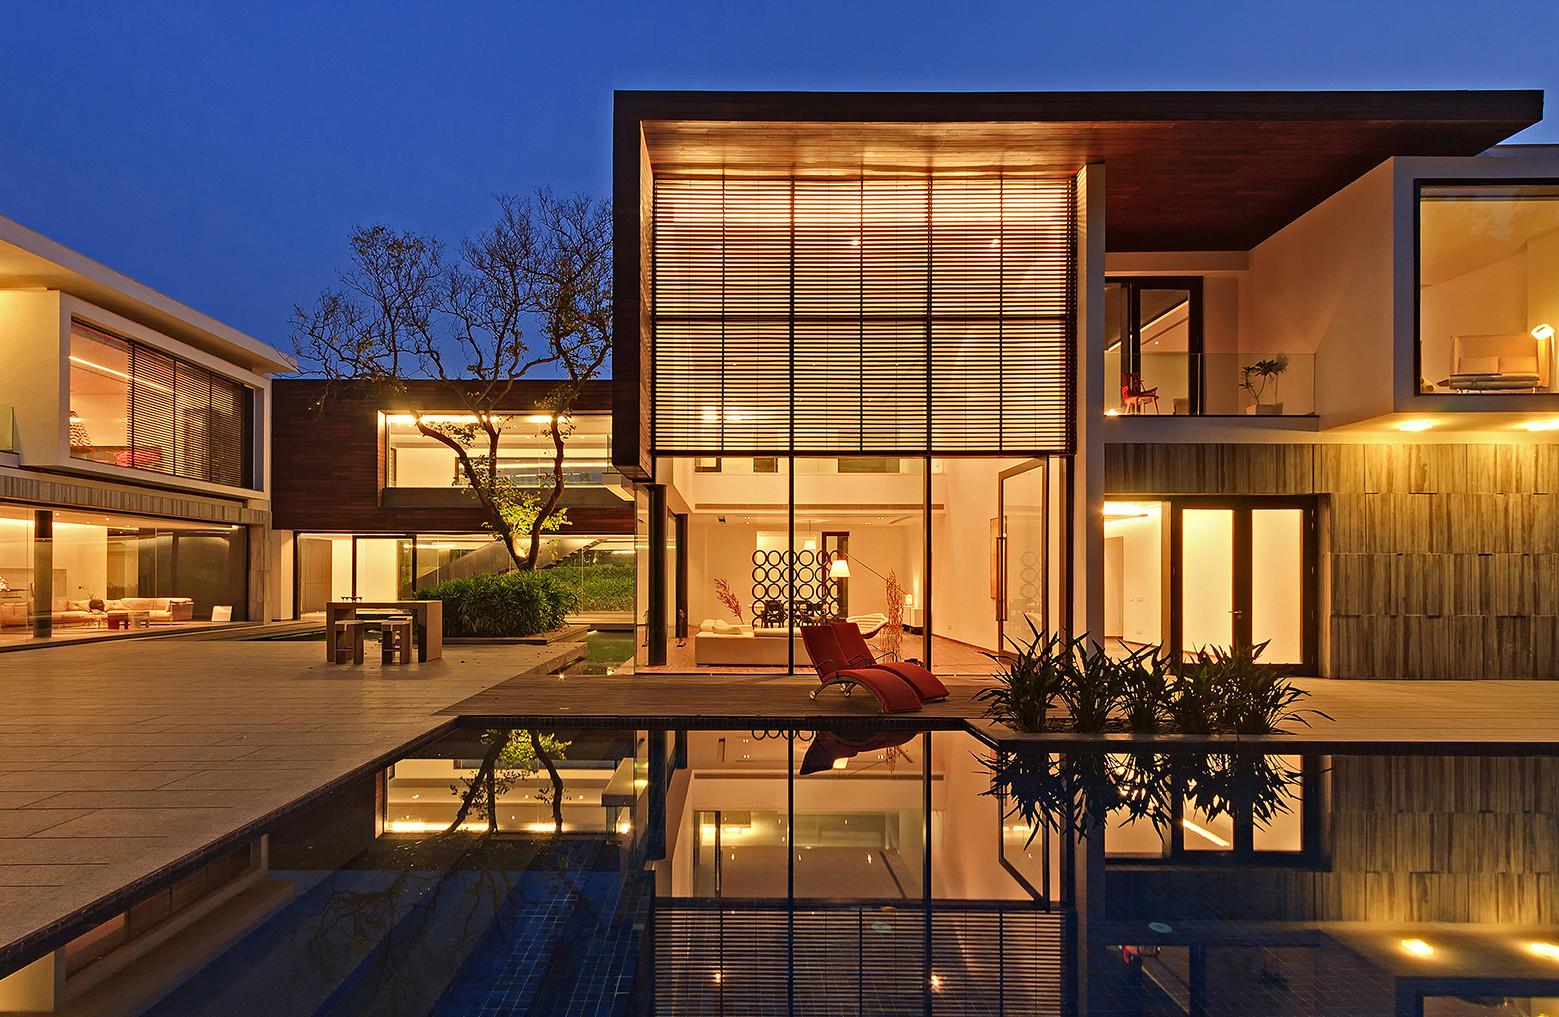 Galer a de la casa de los tres rboles dada partners 9 for Architecture maison design esquisse